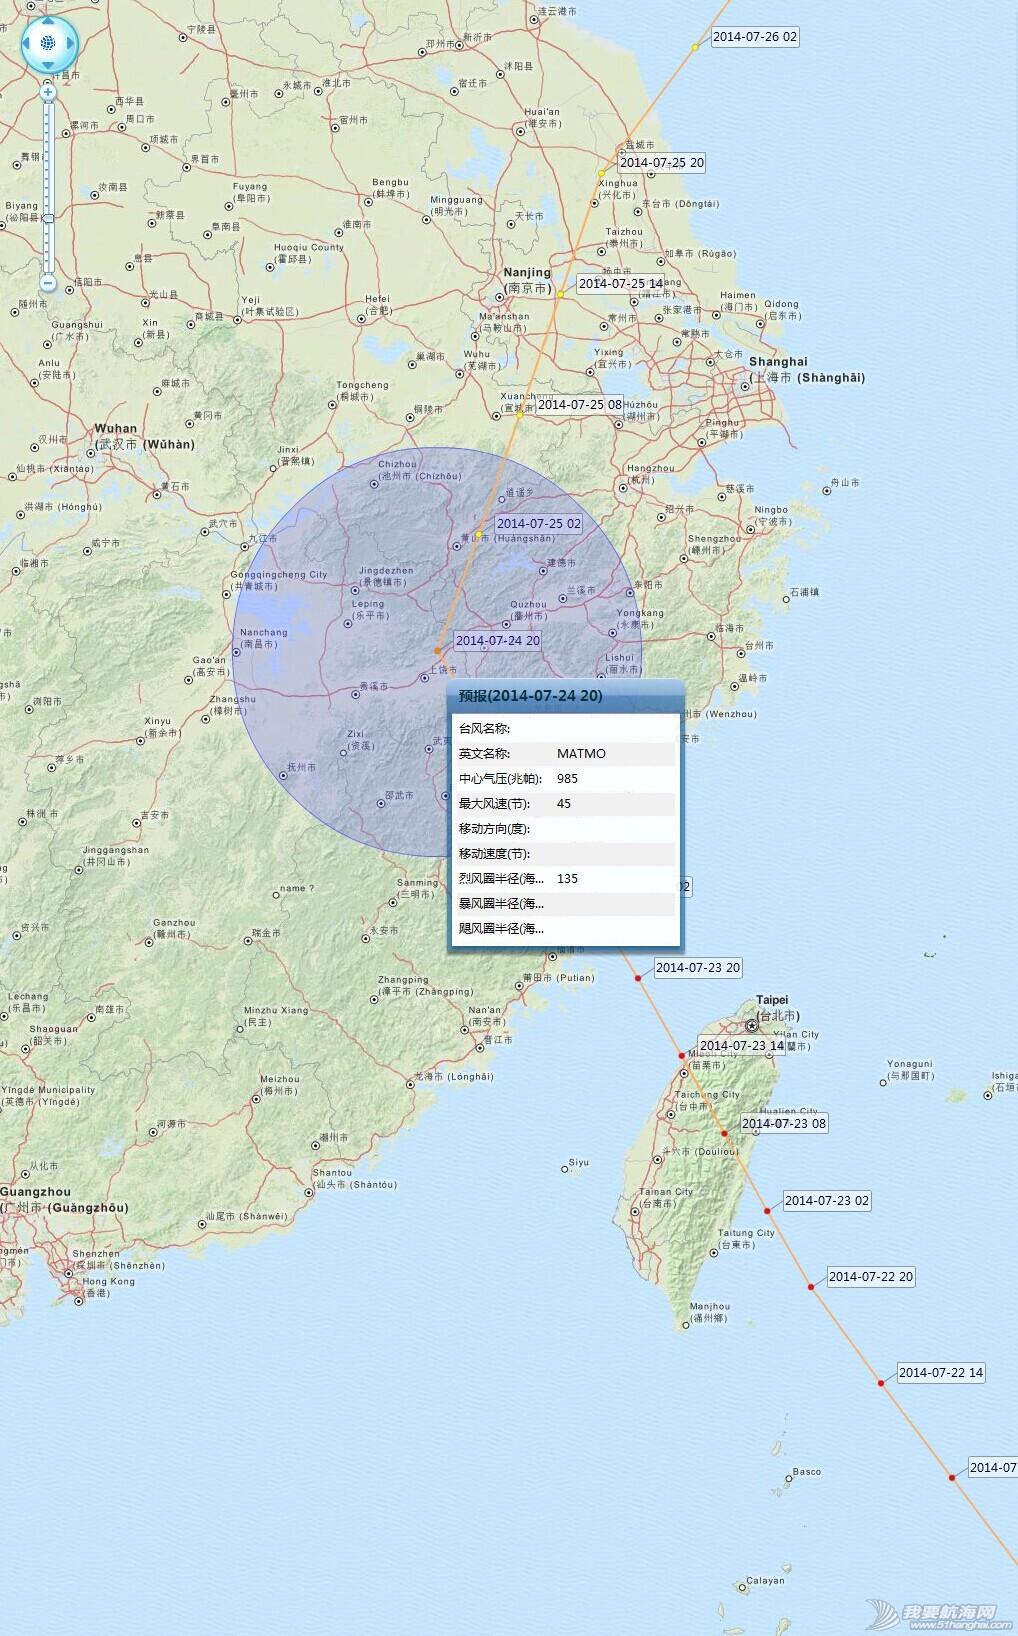 中国沿海台风,台风,麦德姆,沿海台风,气象导航 【中国沿海台风】台风麦德姆 麦德姆